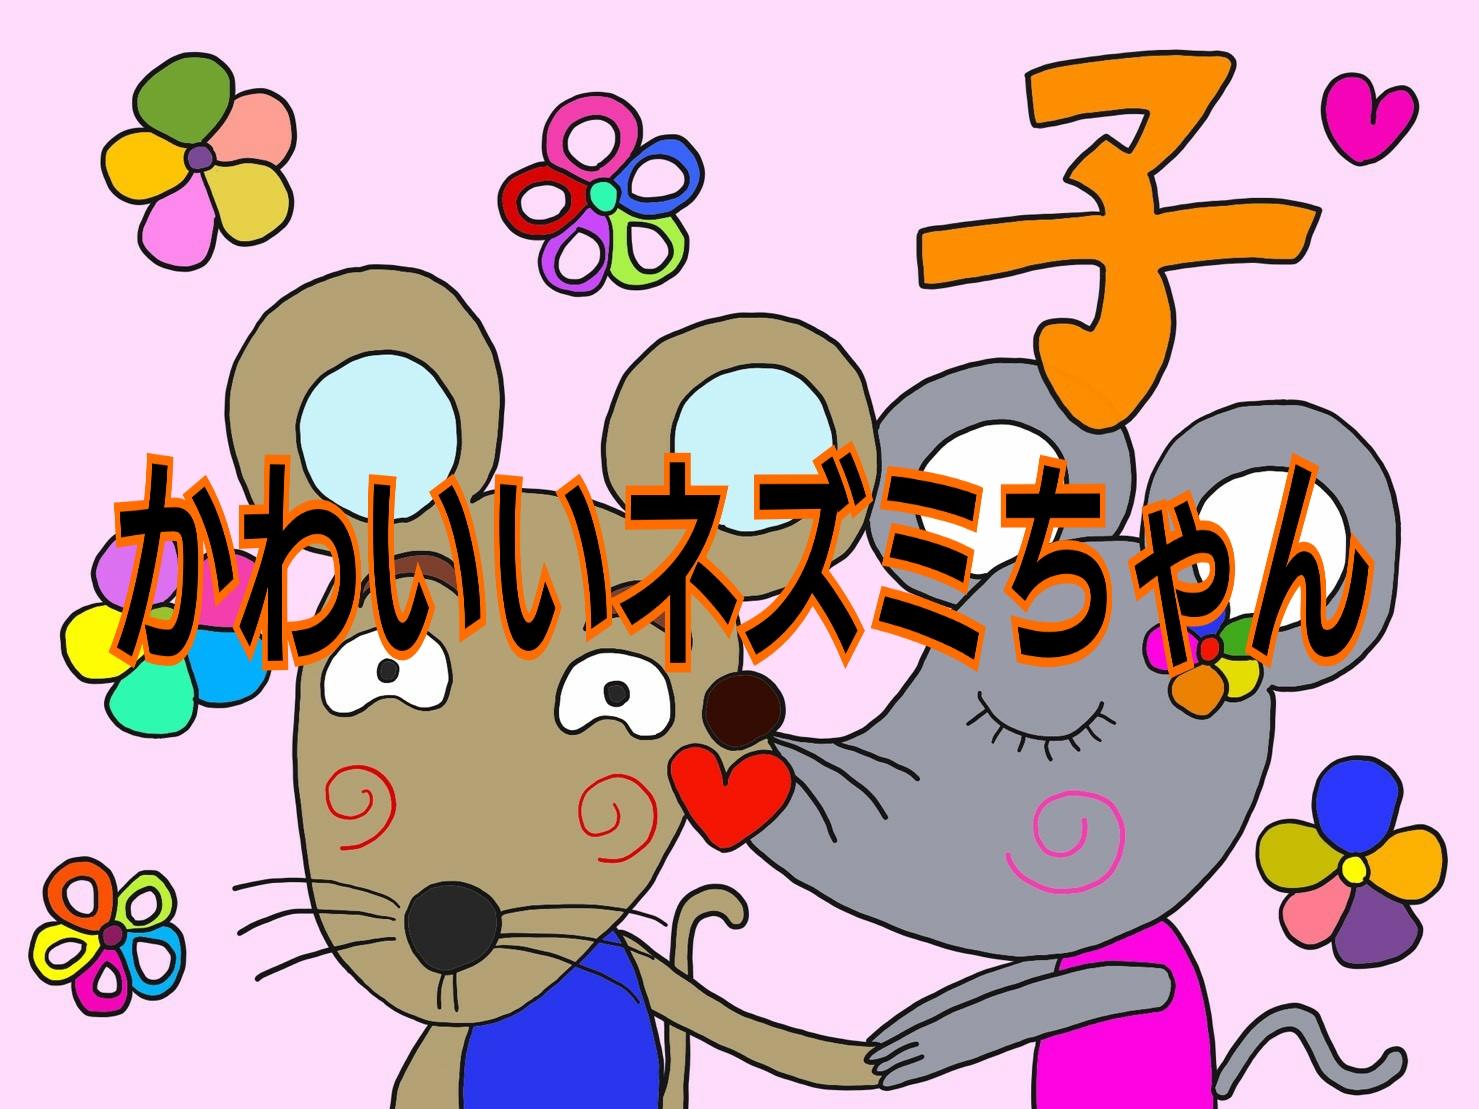 ネズミのイラスト描いてみた★【オリジナルイラスト】